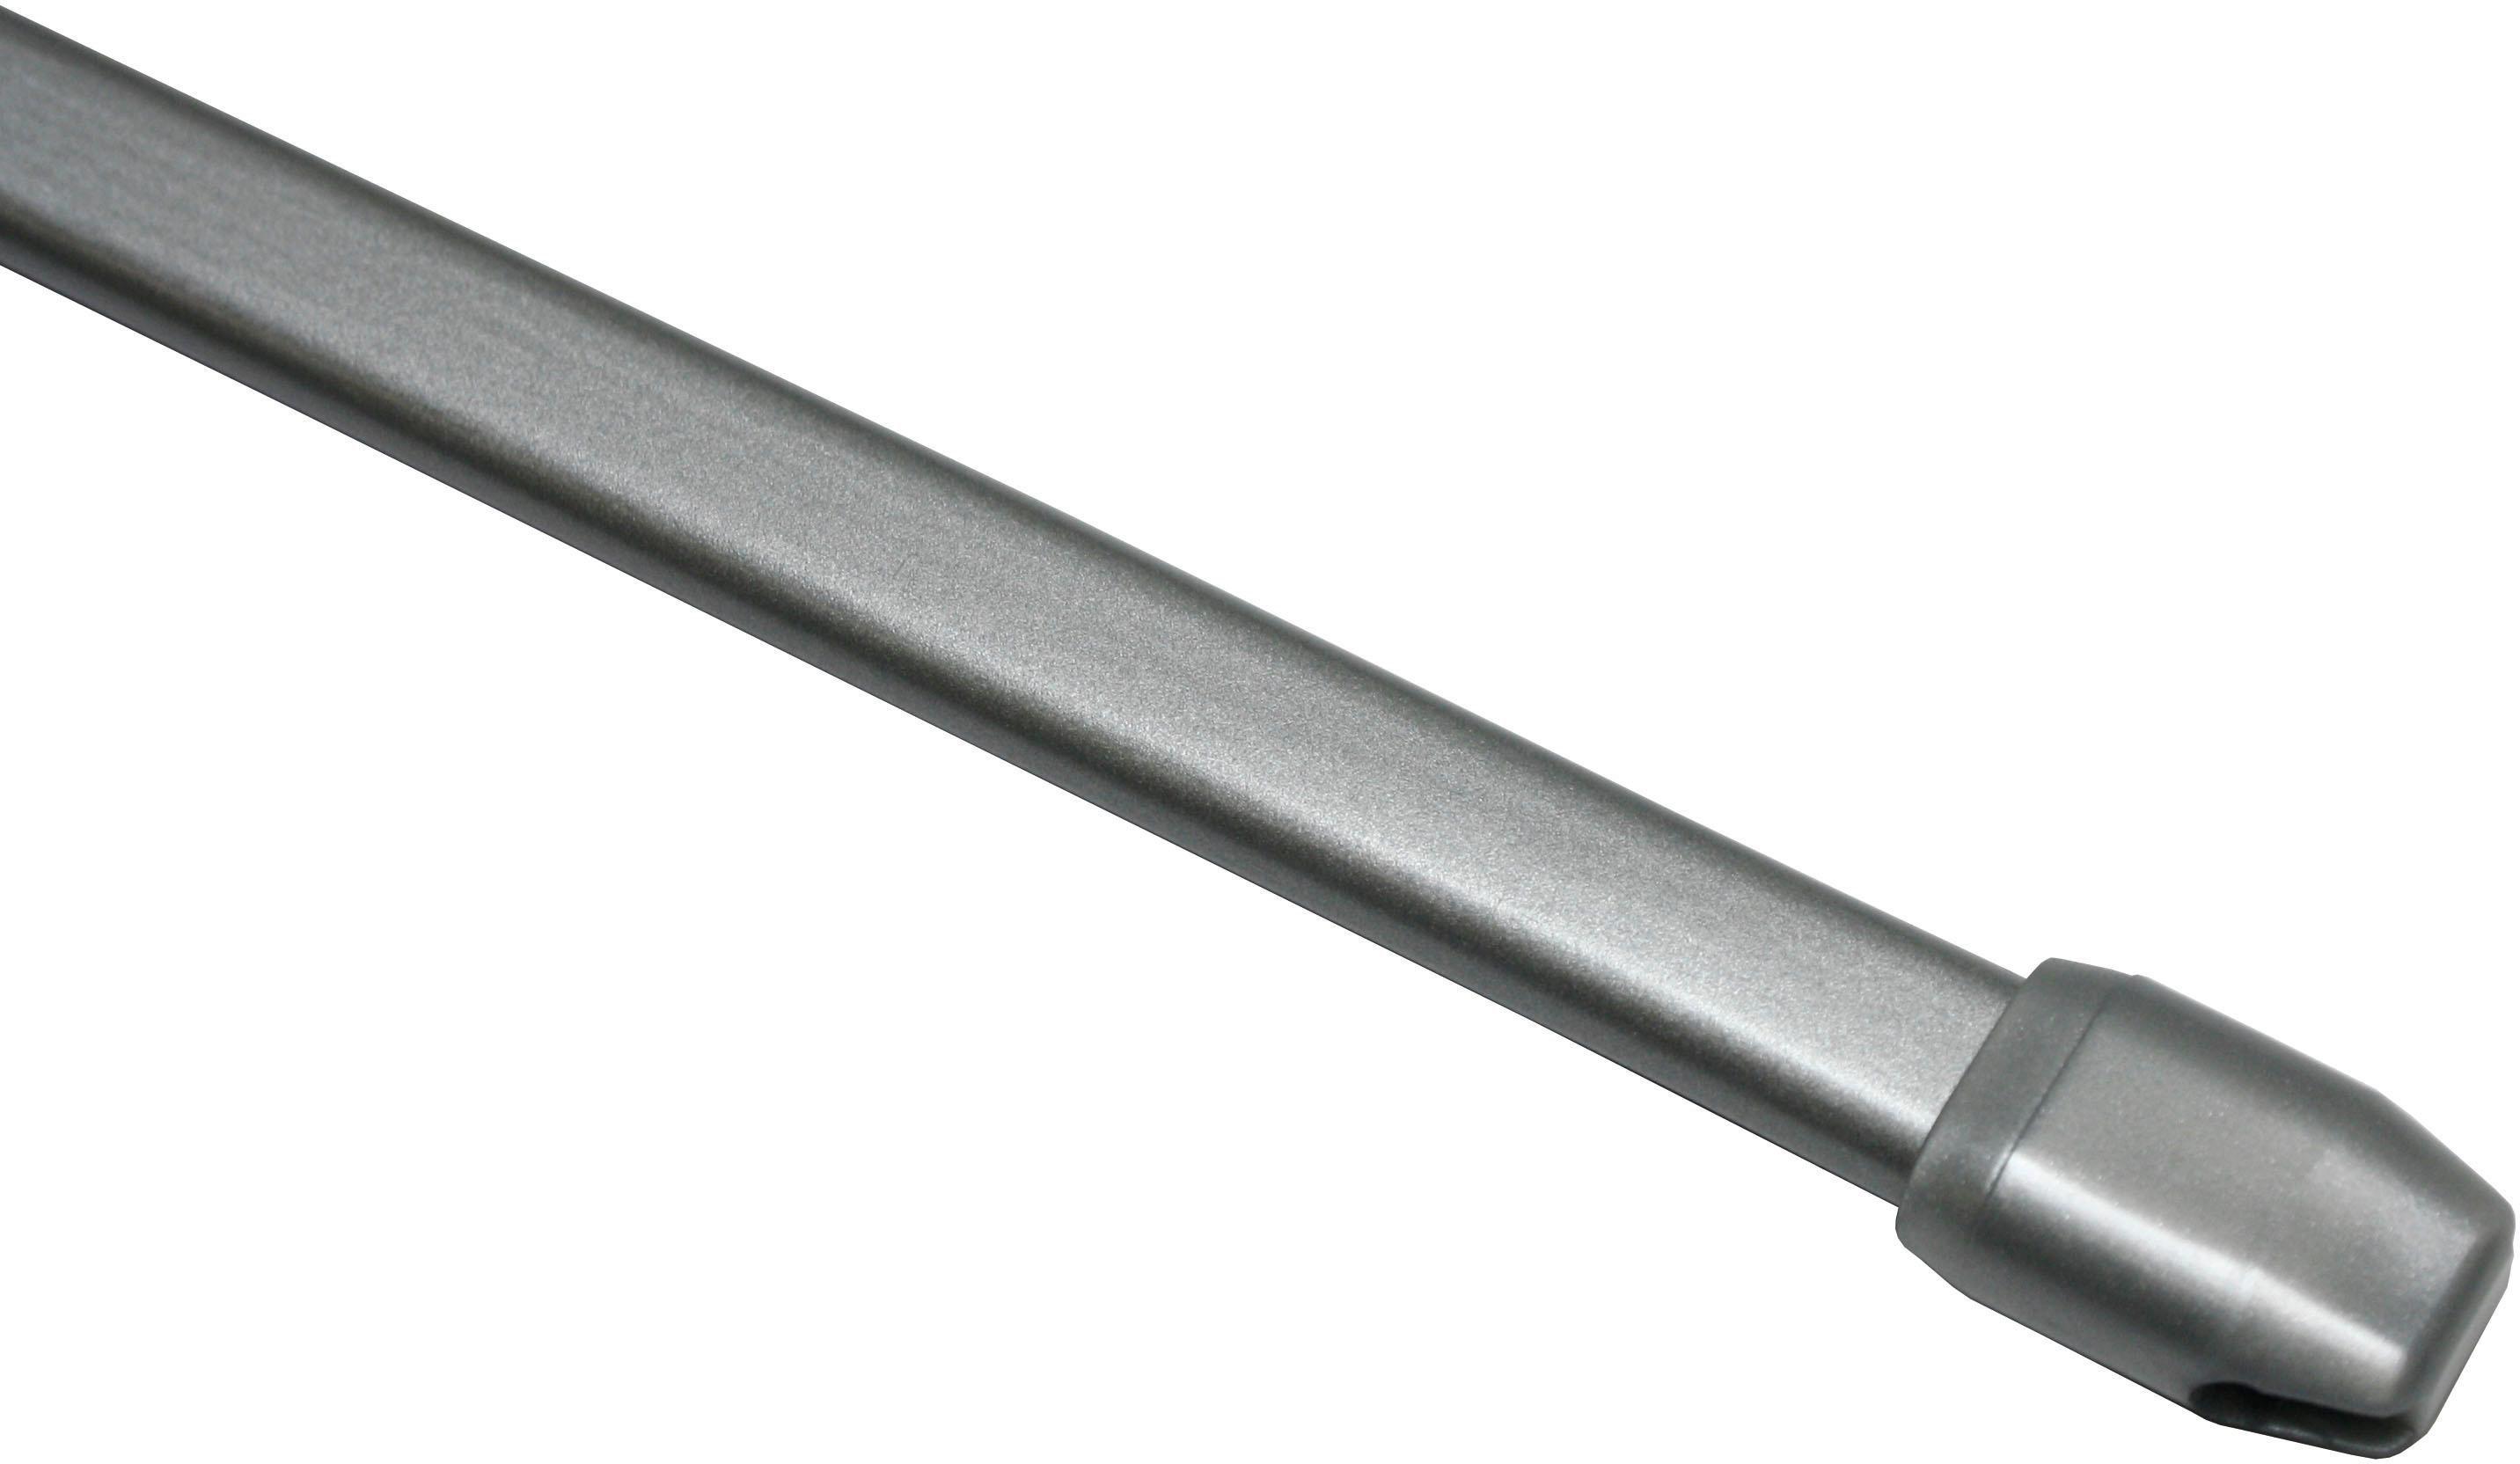 Scheibenstange, Gardinia, »Vitragestange flachoval 11 mm«, ausziehbar, ohne Bohren, 11 mm | Heimtextilien > Gardinen und Vorhänge > Gardinenstangen | Metall - Kunststoff | GARDINIA